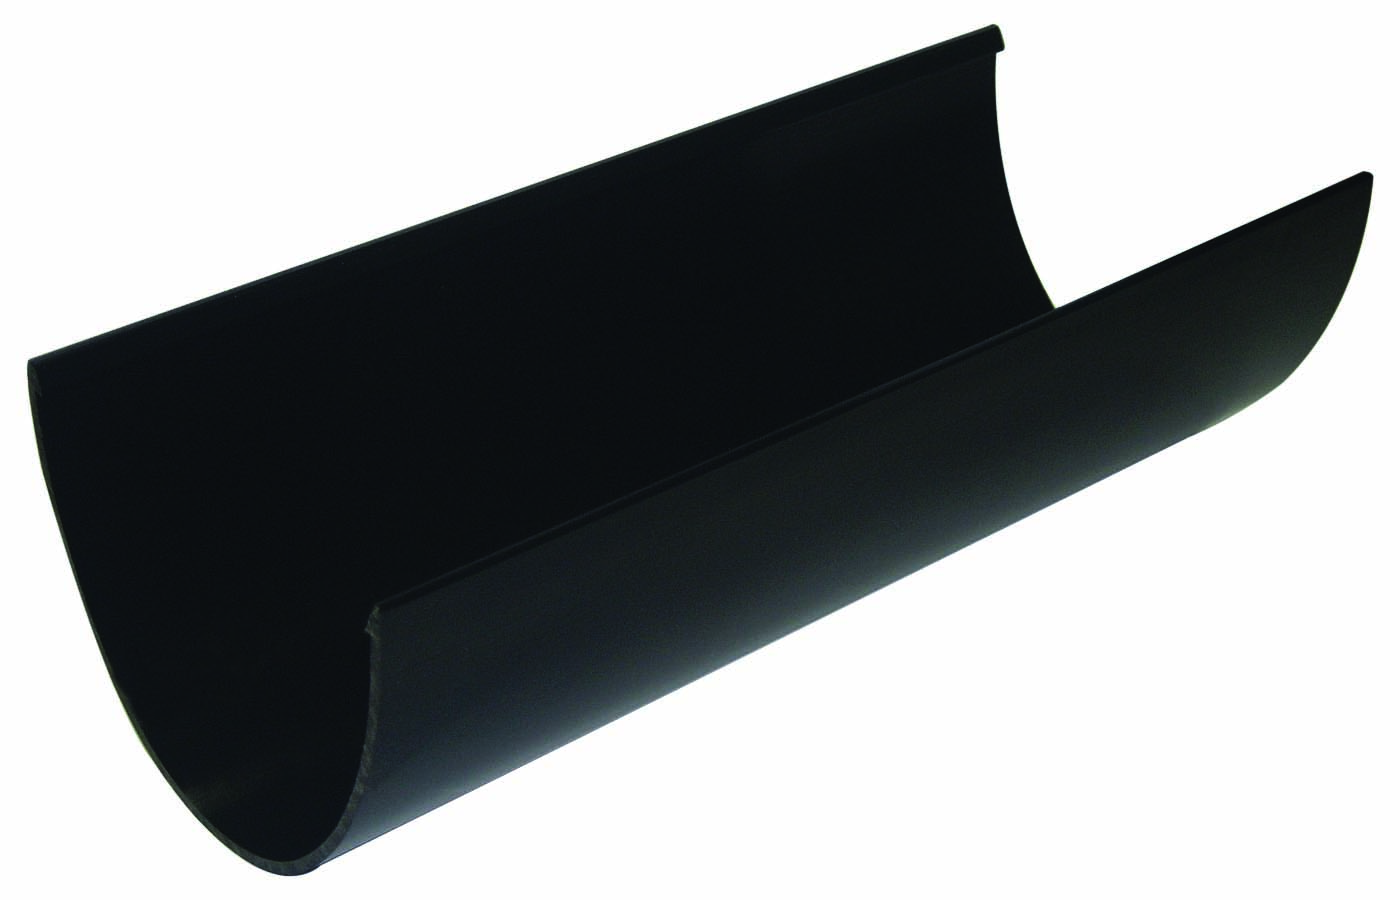 FLOPLAST RGH4BL HI-CAP GUTTER 4MTR - BLACK